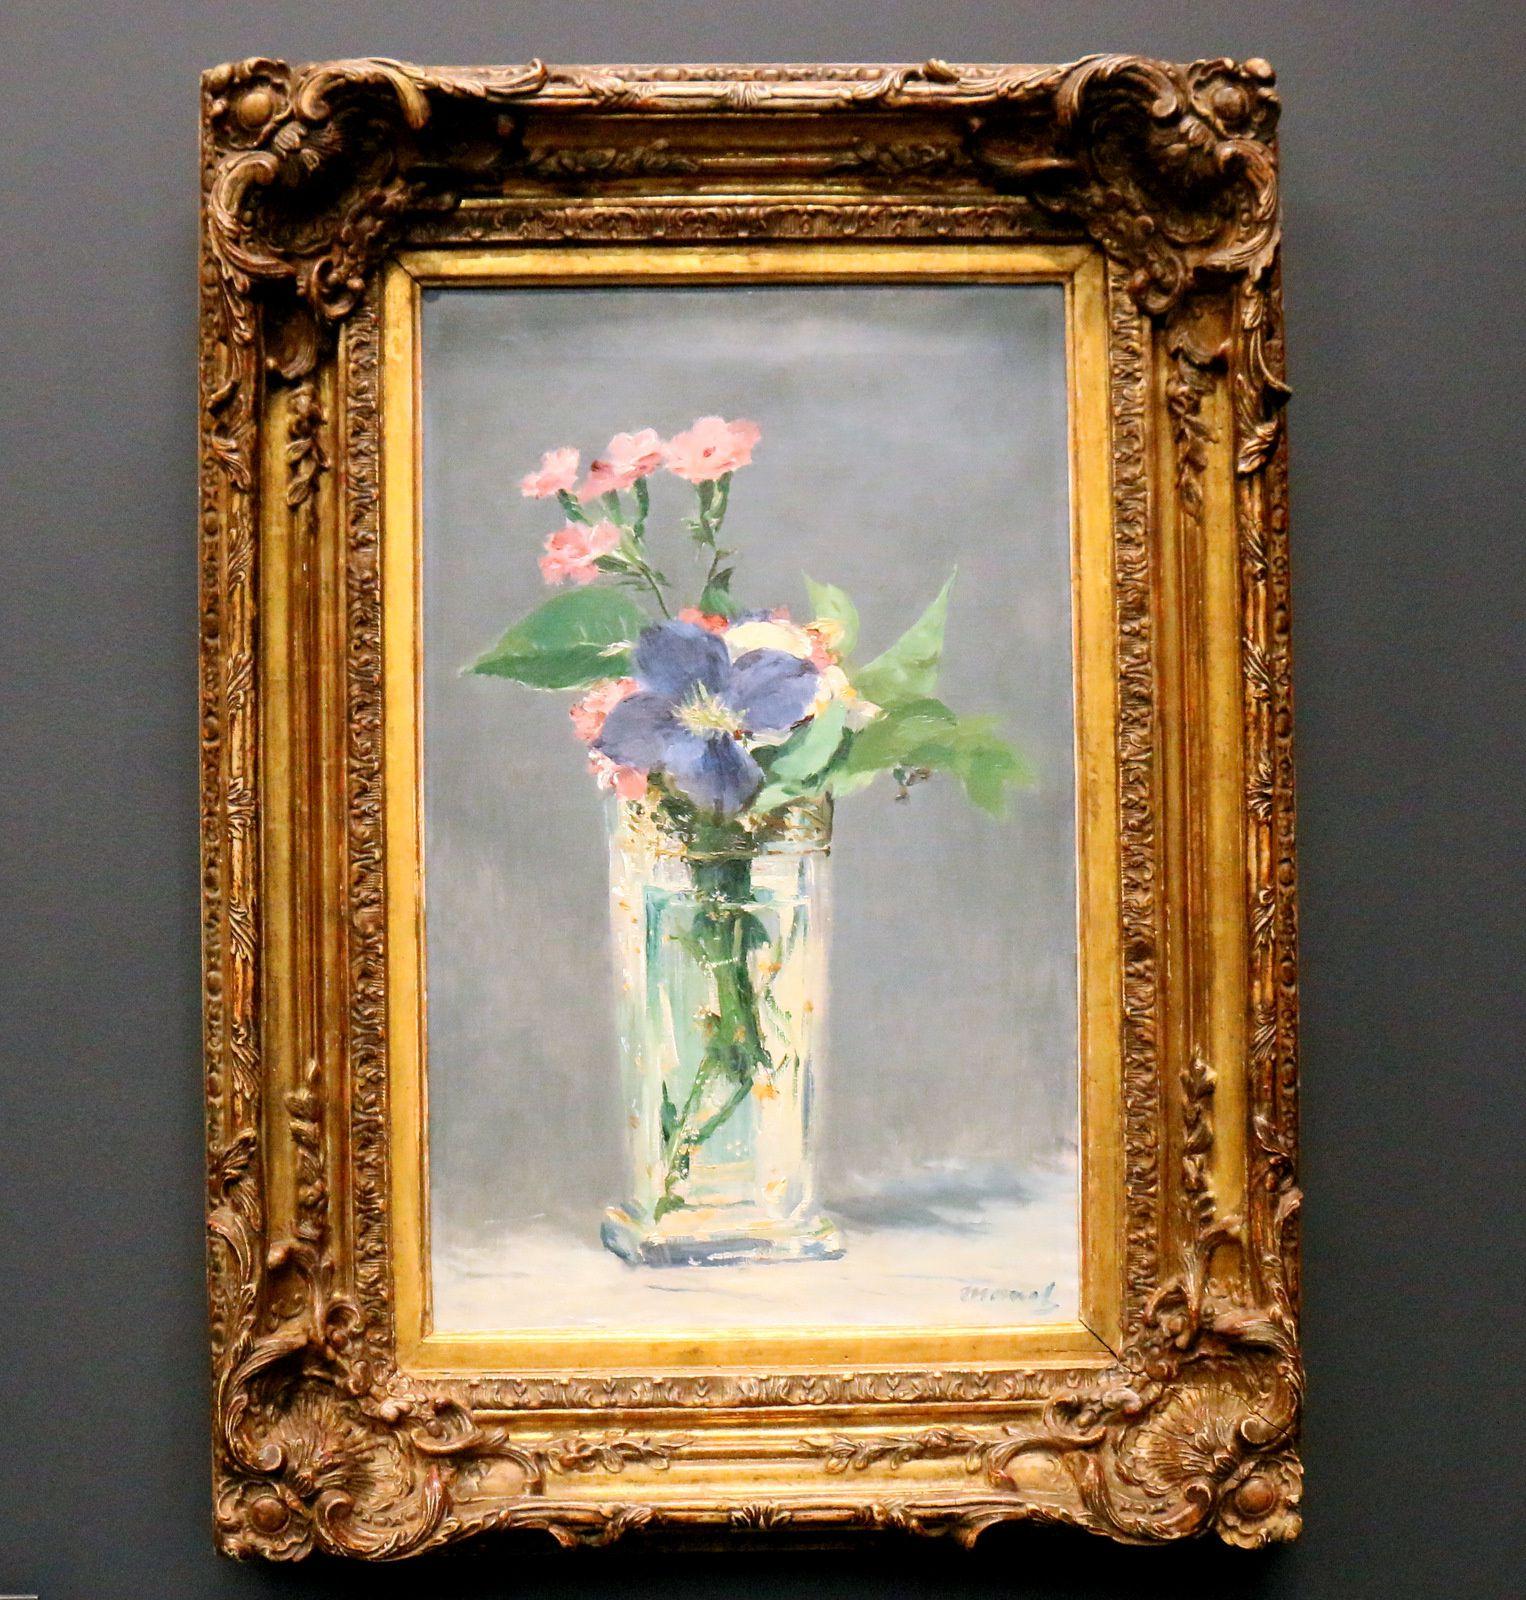 Oeillets et clématite dans un vase de cristal, huile sur toile d'Edouard Manet